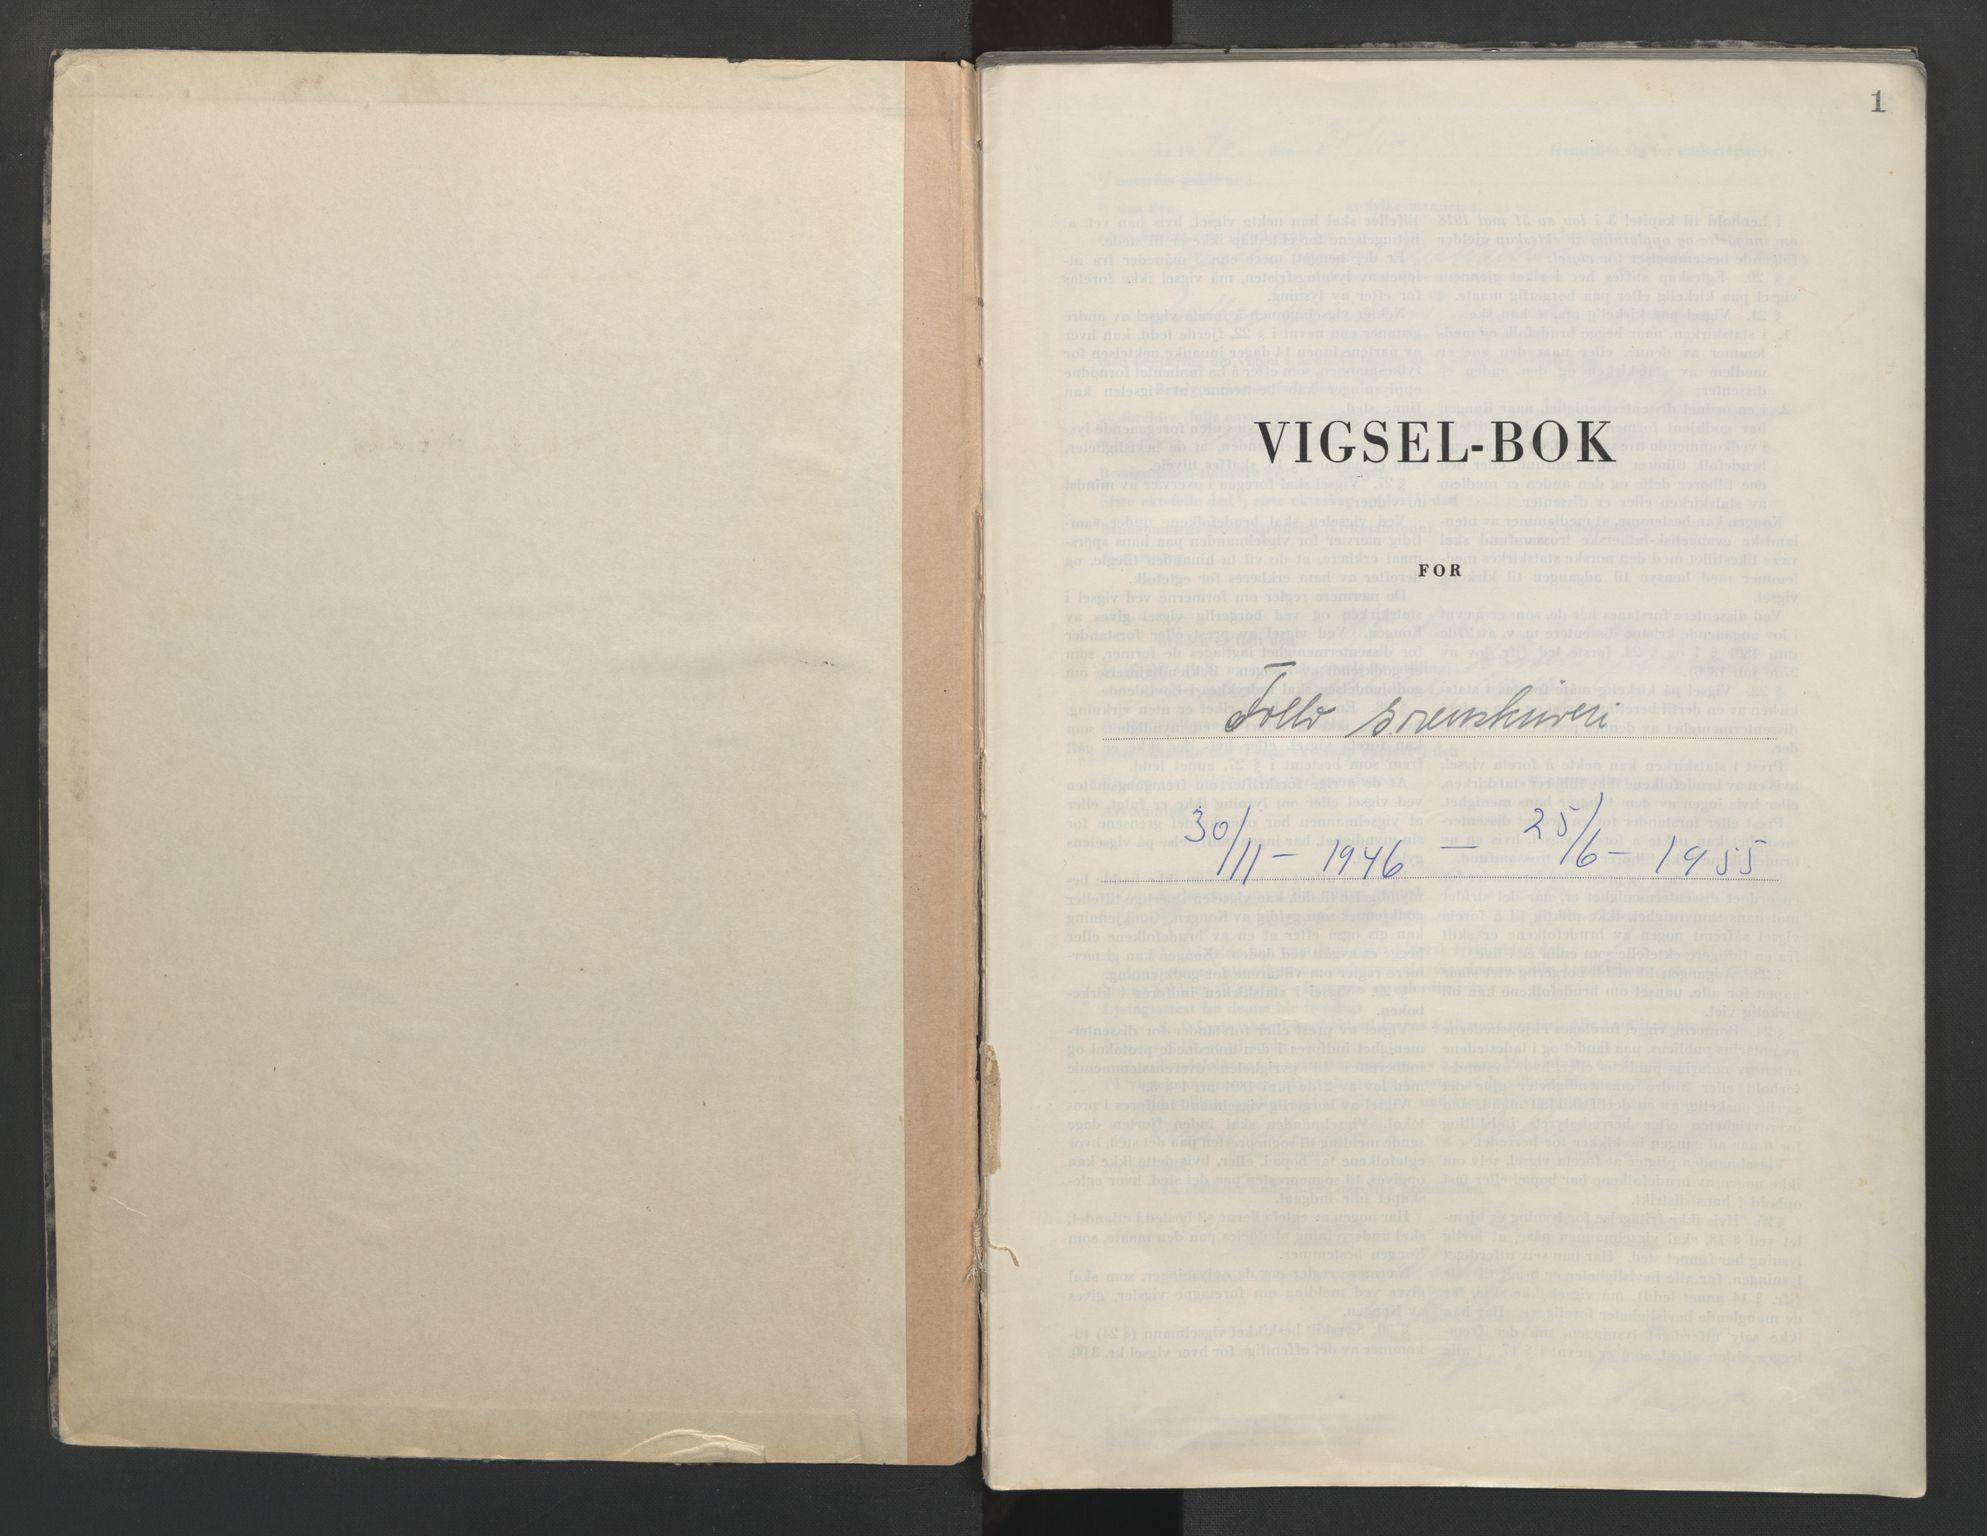 SAO, Follo sorenskriveri, L/La/Lab/L0003: Vigselsbok, 1946-1955, s. 1